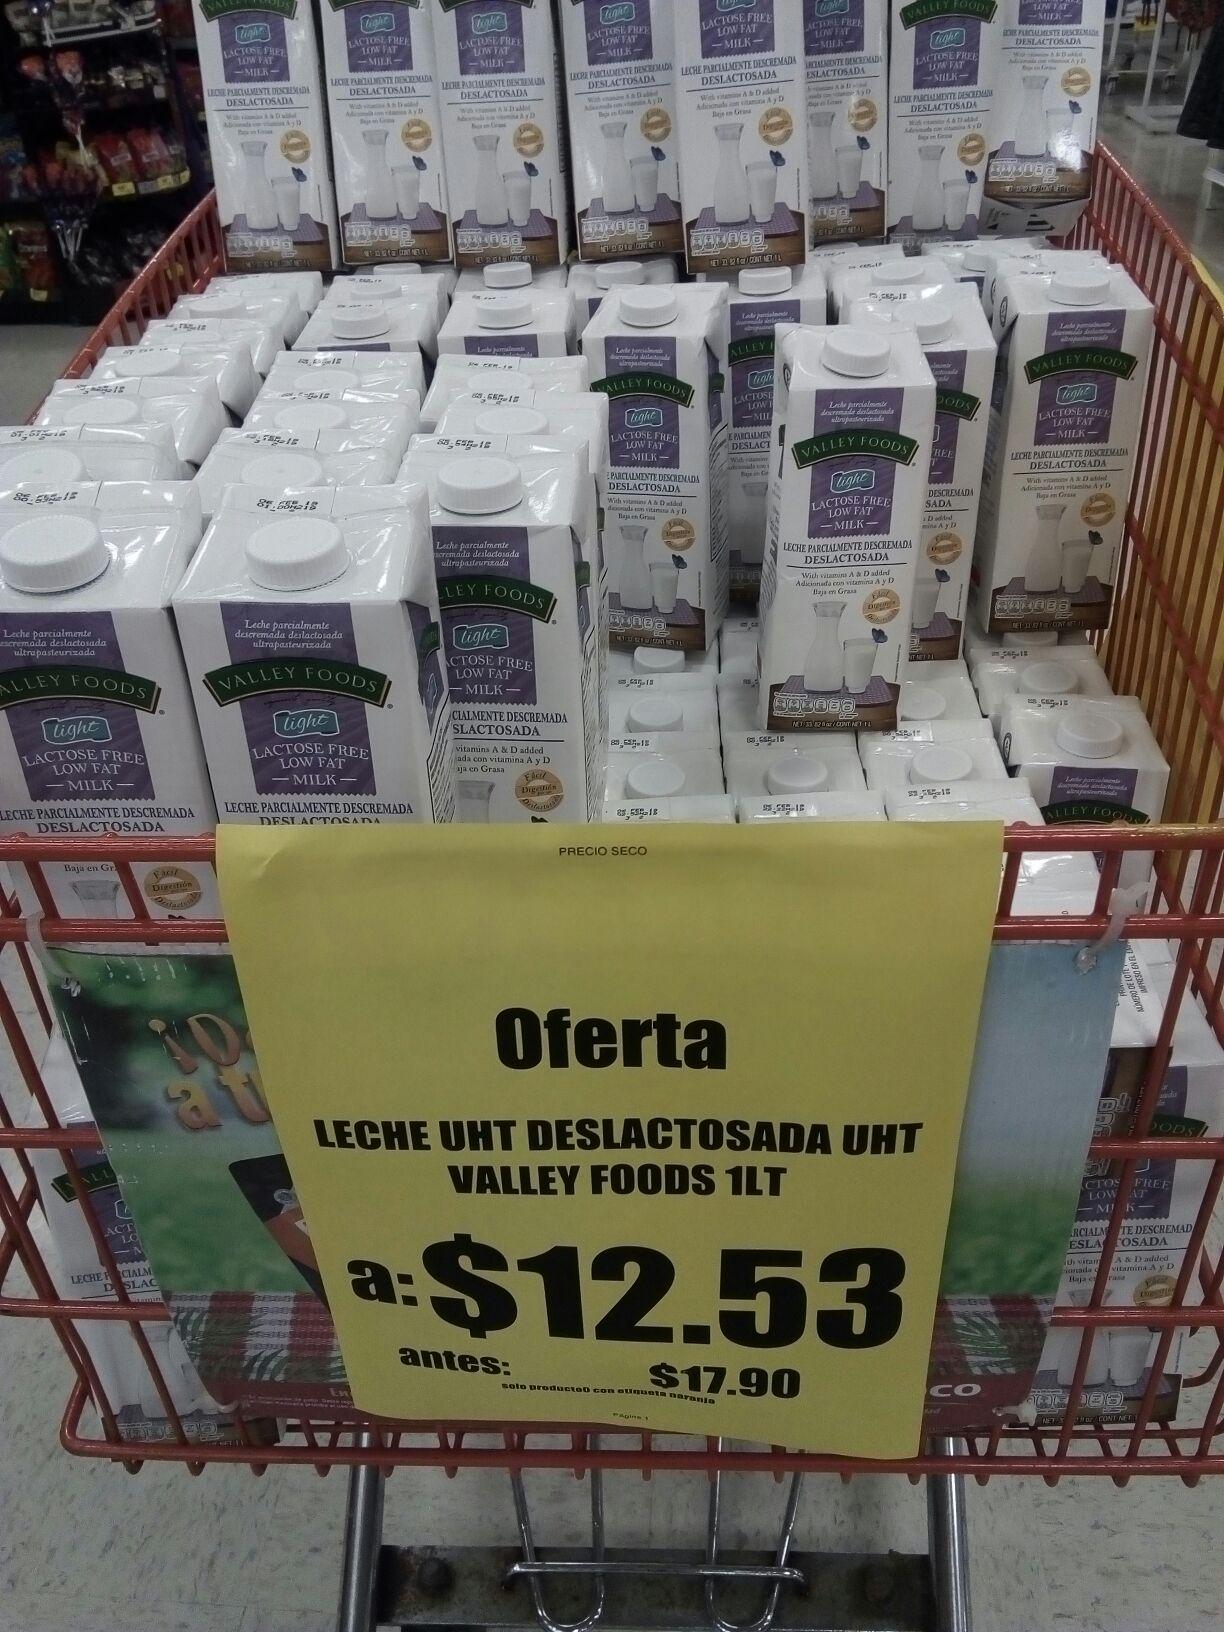 Soriana: Oferta Leche Valley Foods Deslactosada